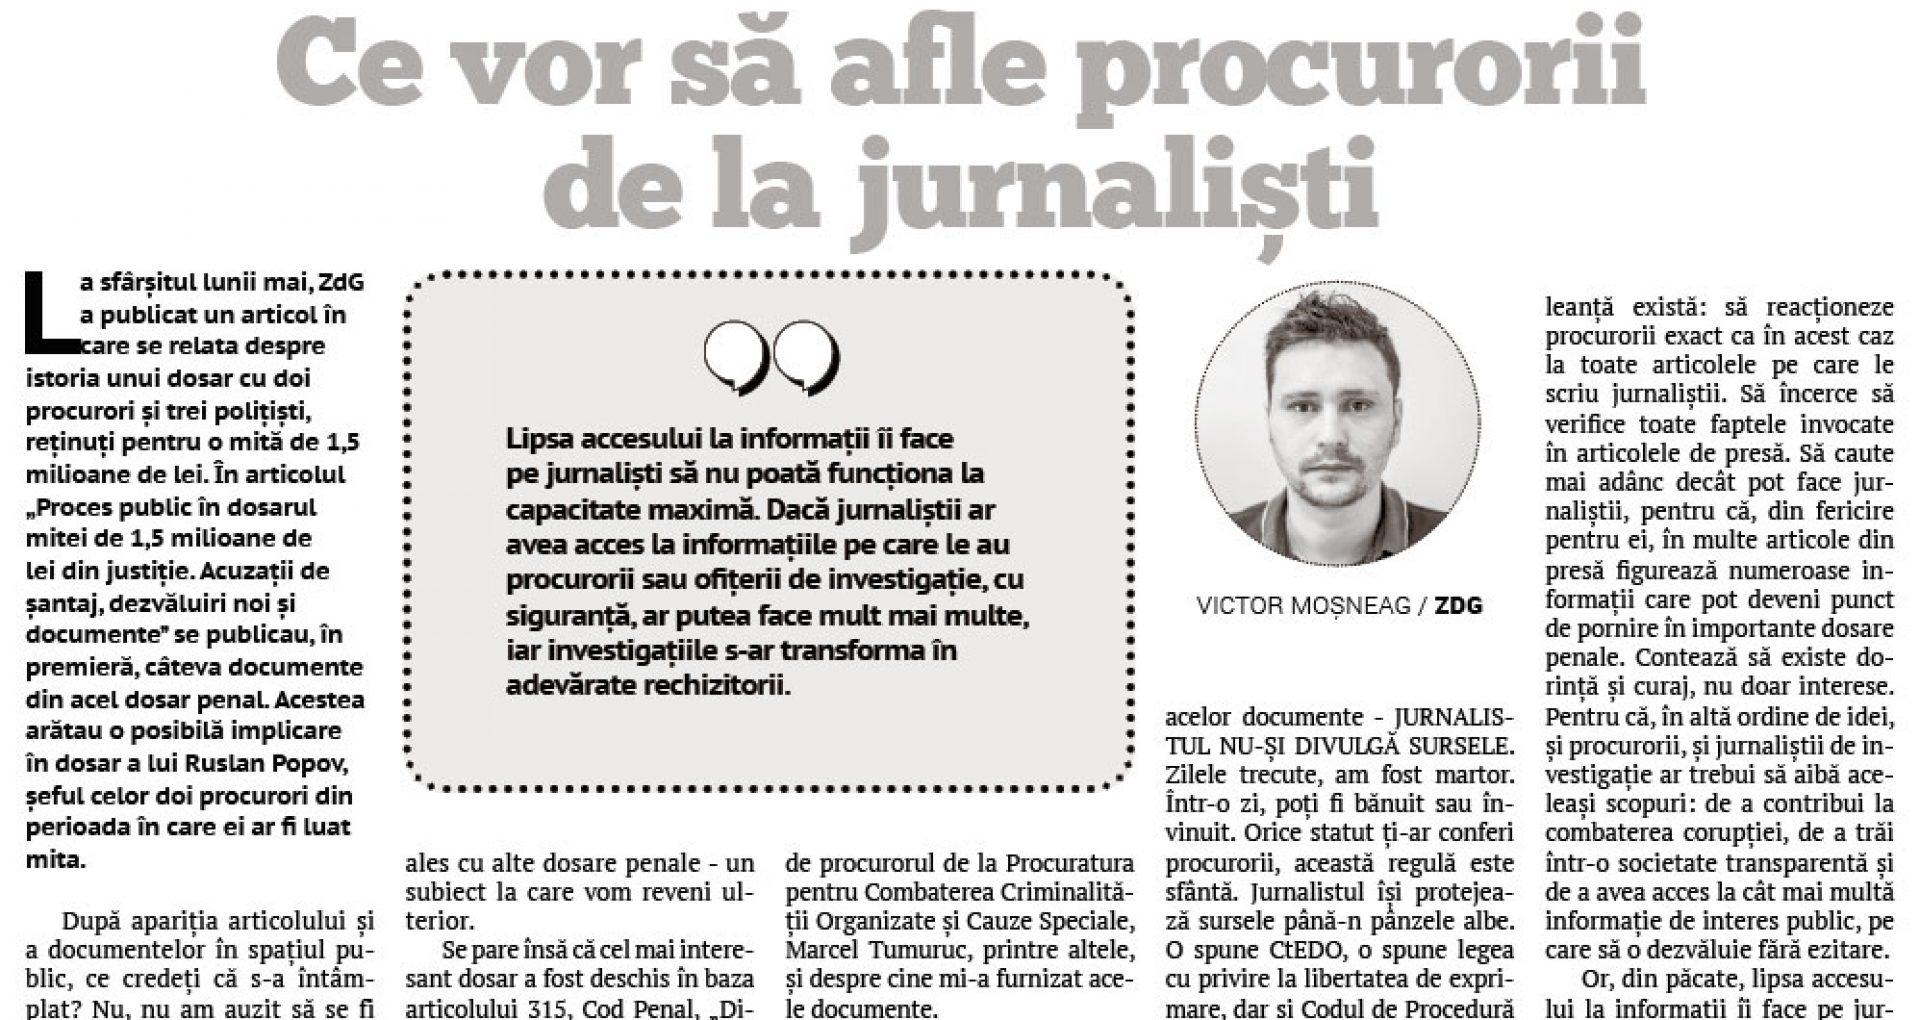 Ce vor să afle procurorii de la jurnaliști